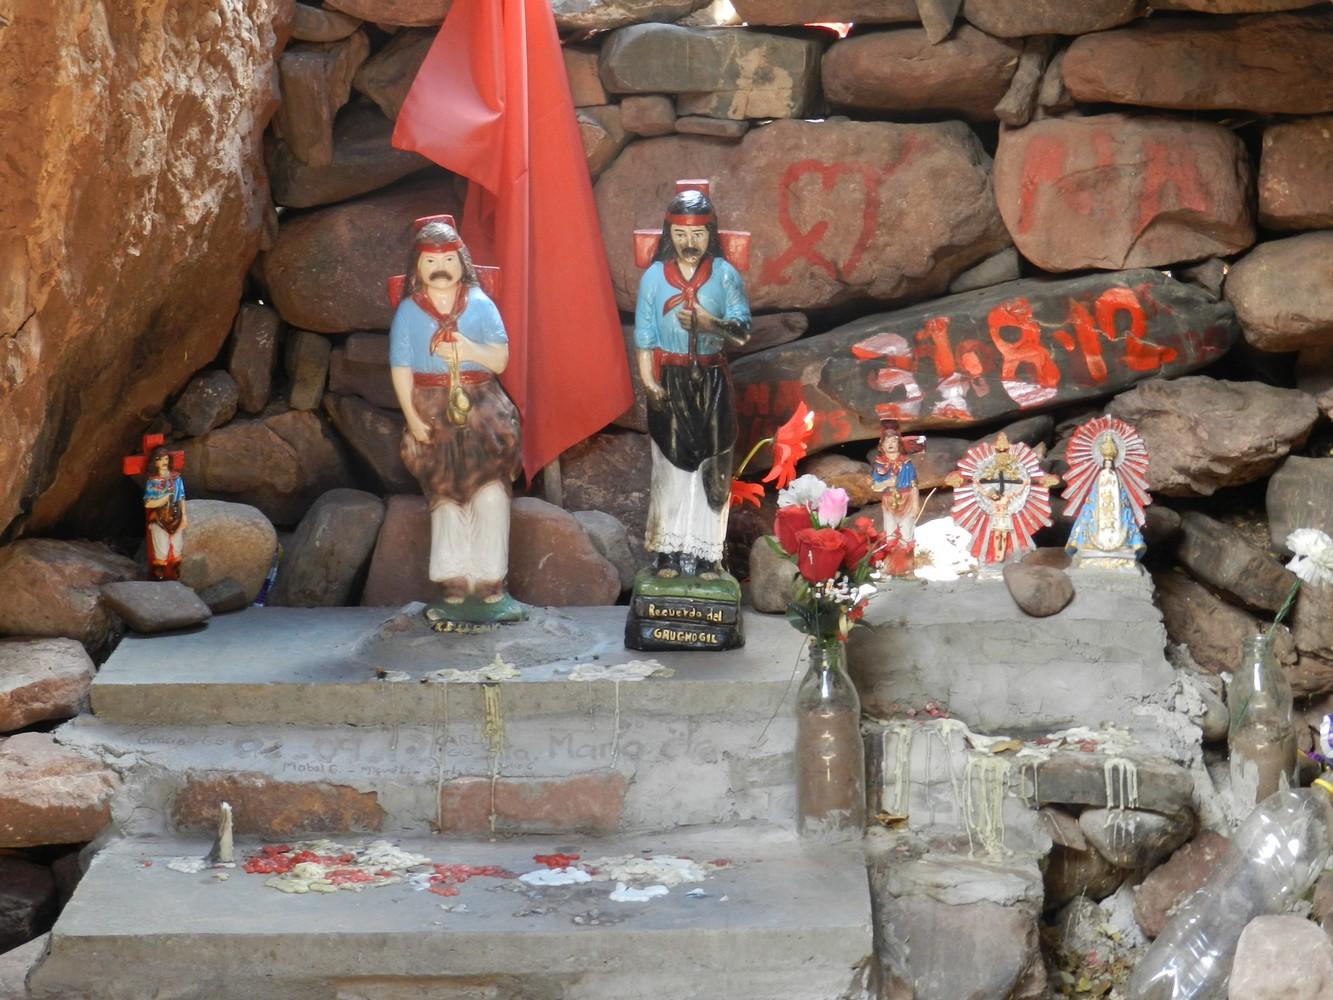 Las Casas Enterradas - Autel Gaucho Gil